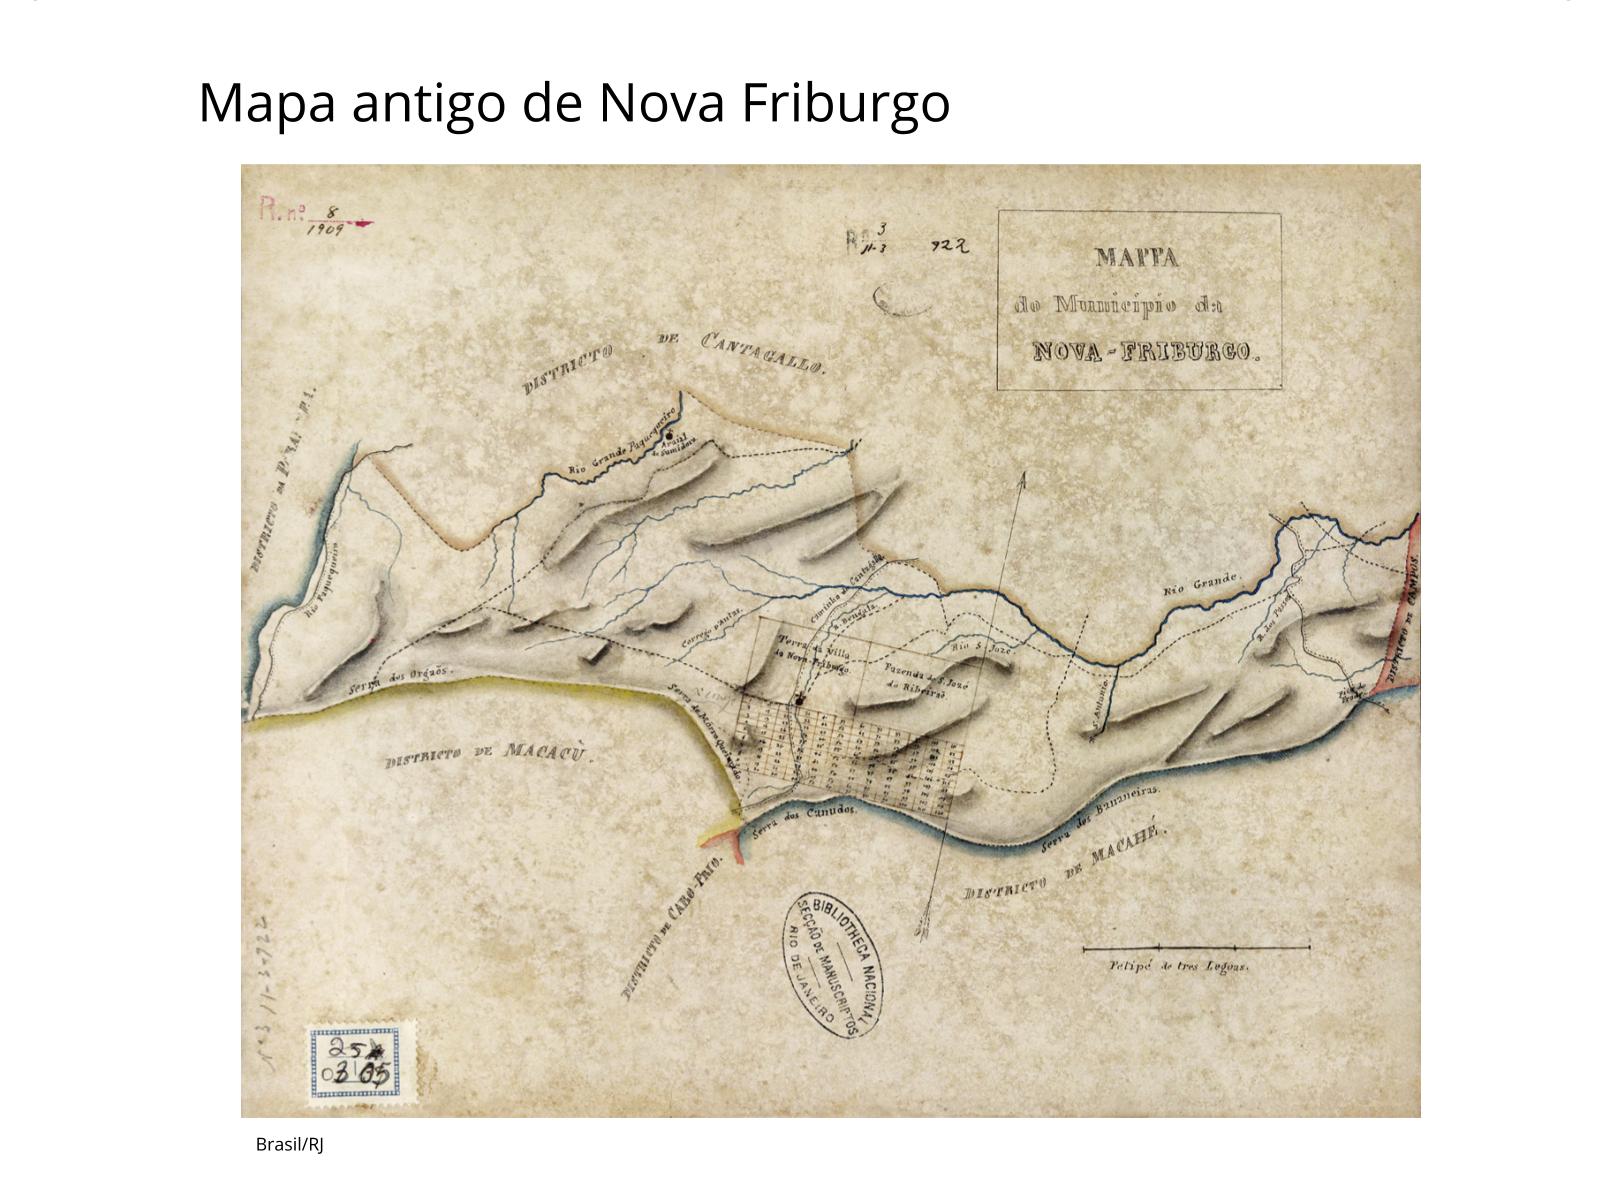 Imigração durante o século XIX: o surgimento de Nova Friburgo.